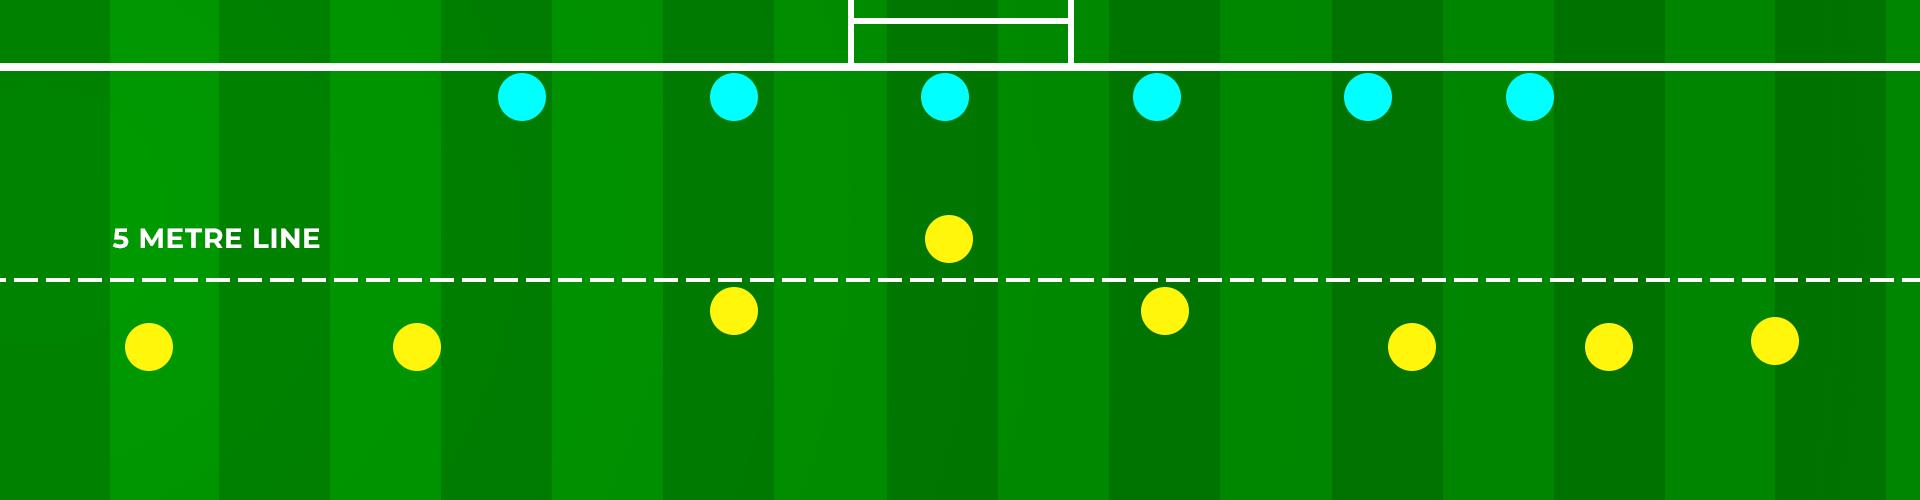 Goal Line Defence